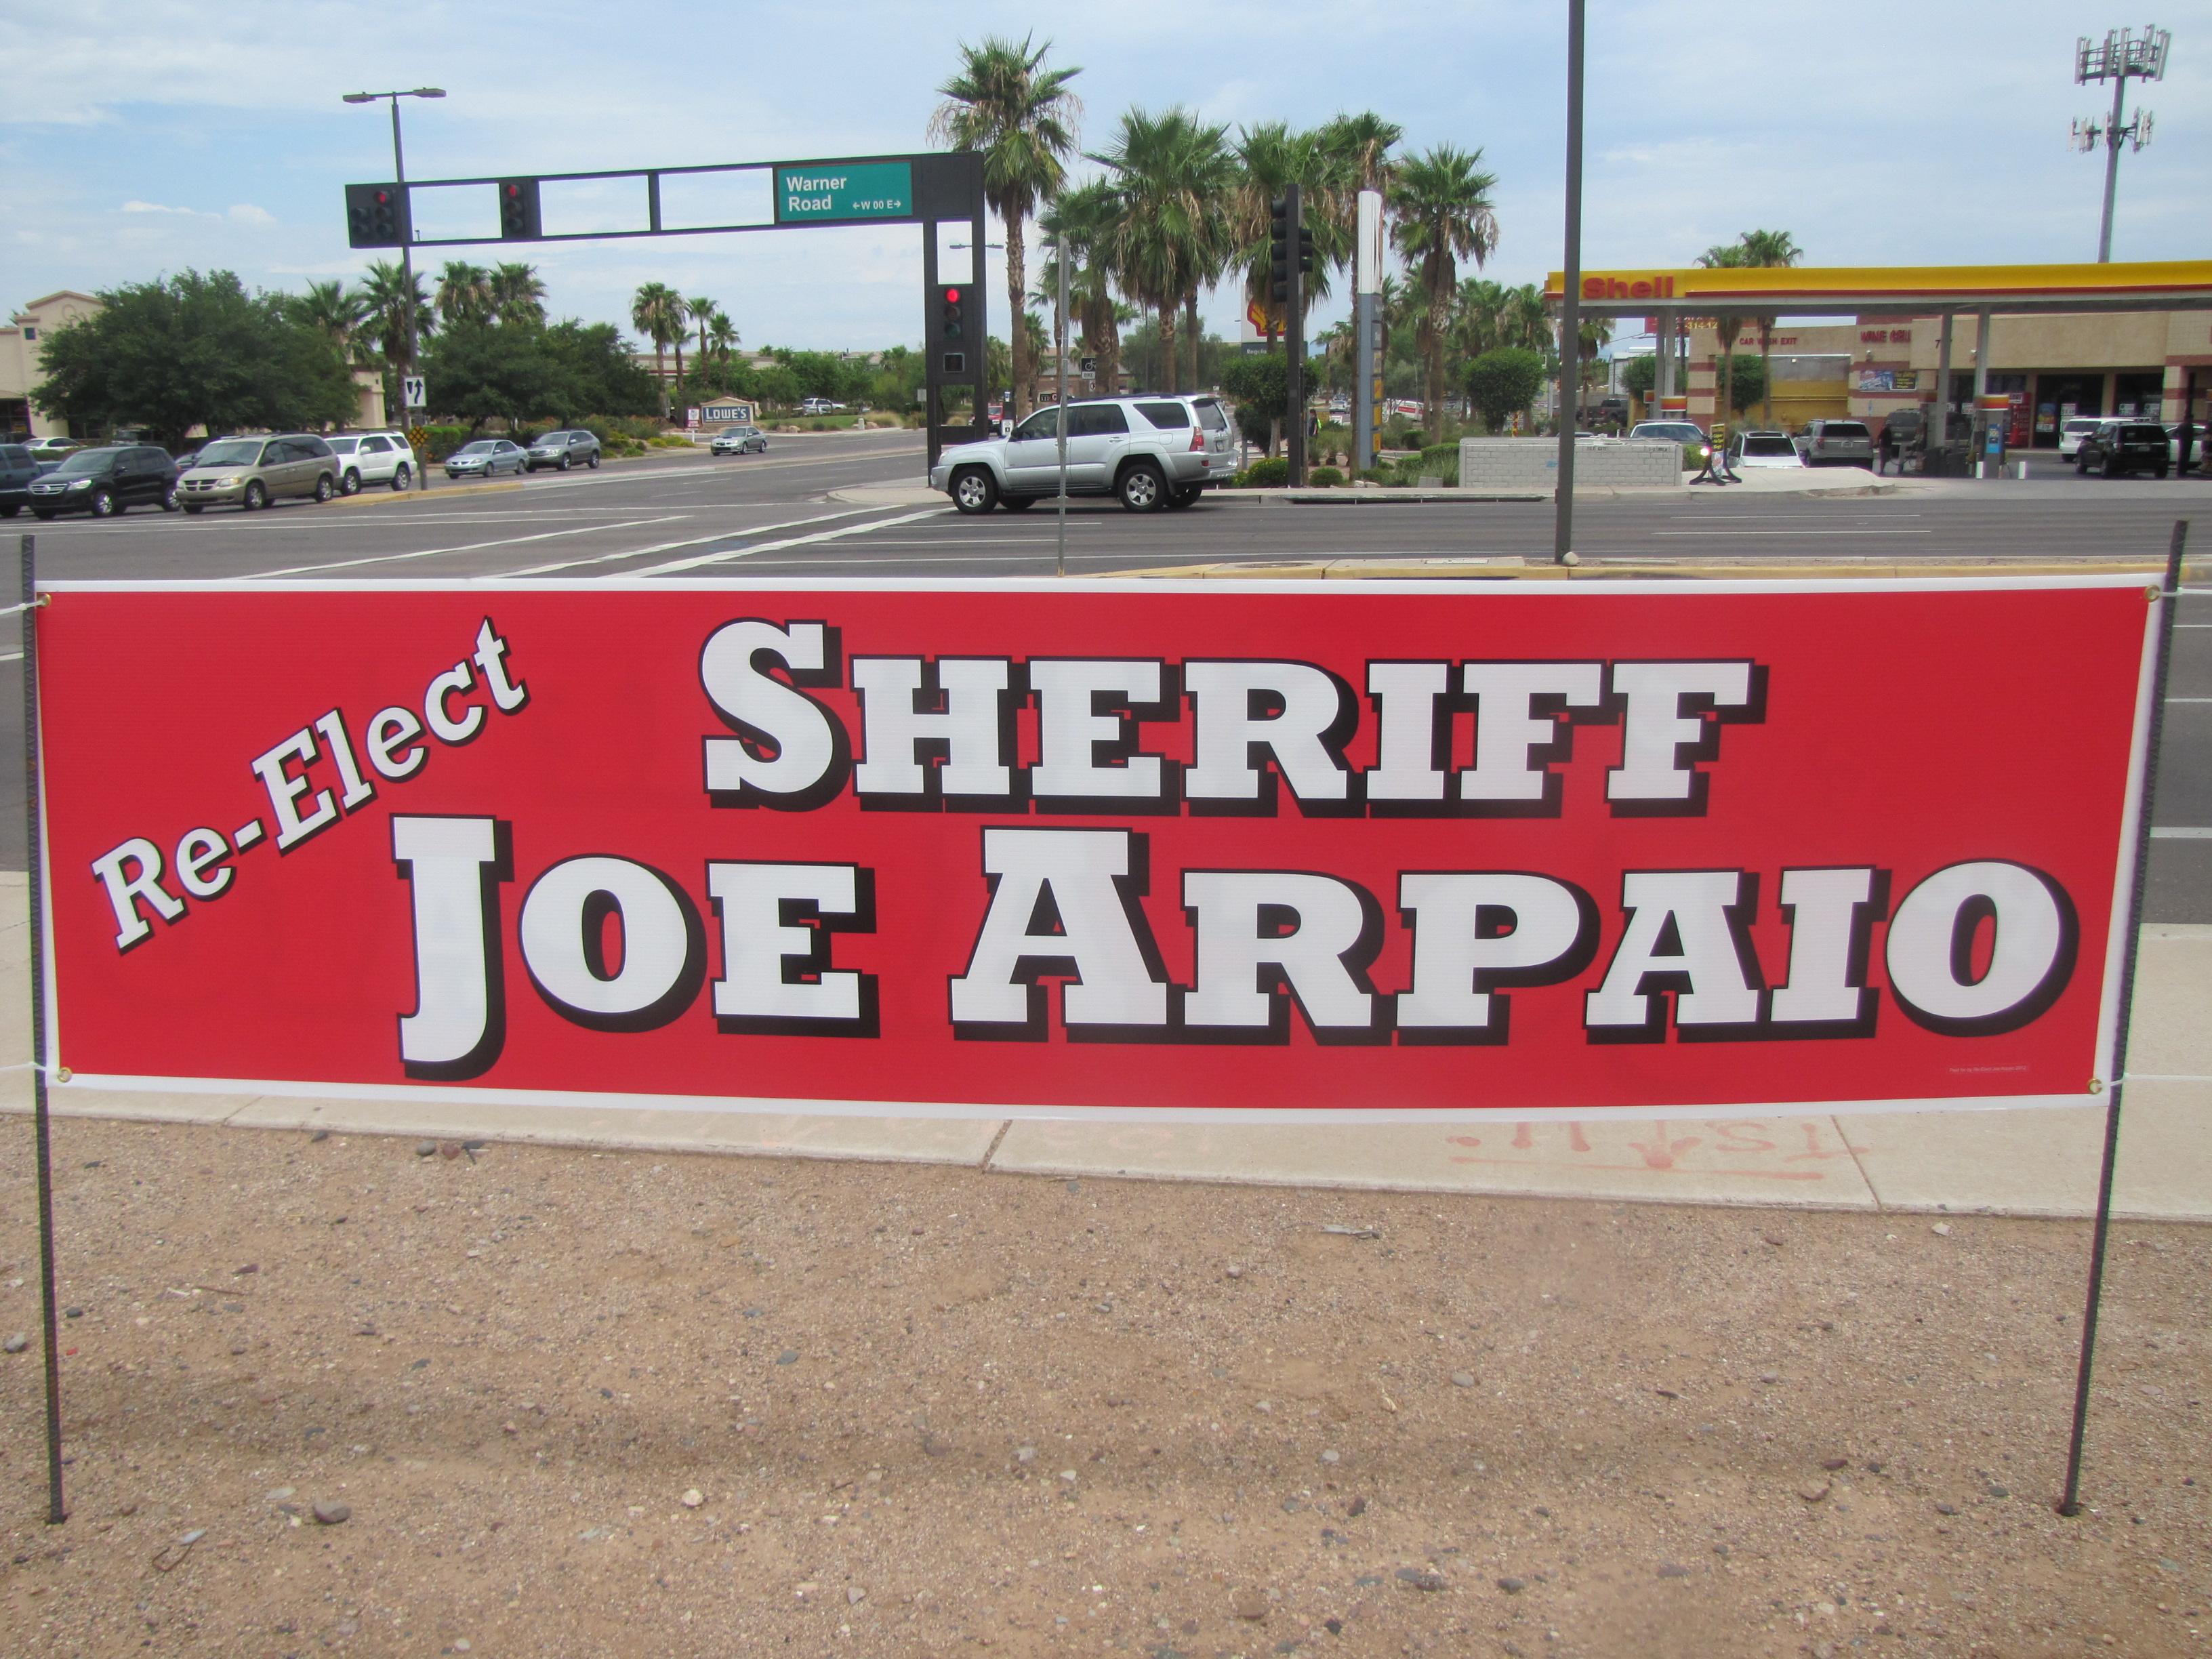 Joe Arpaio election sign